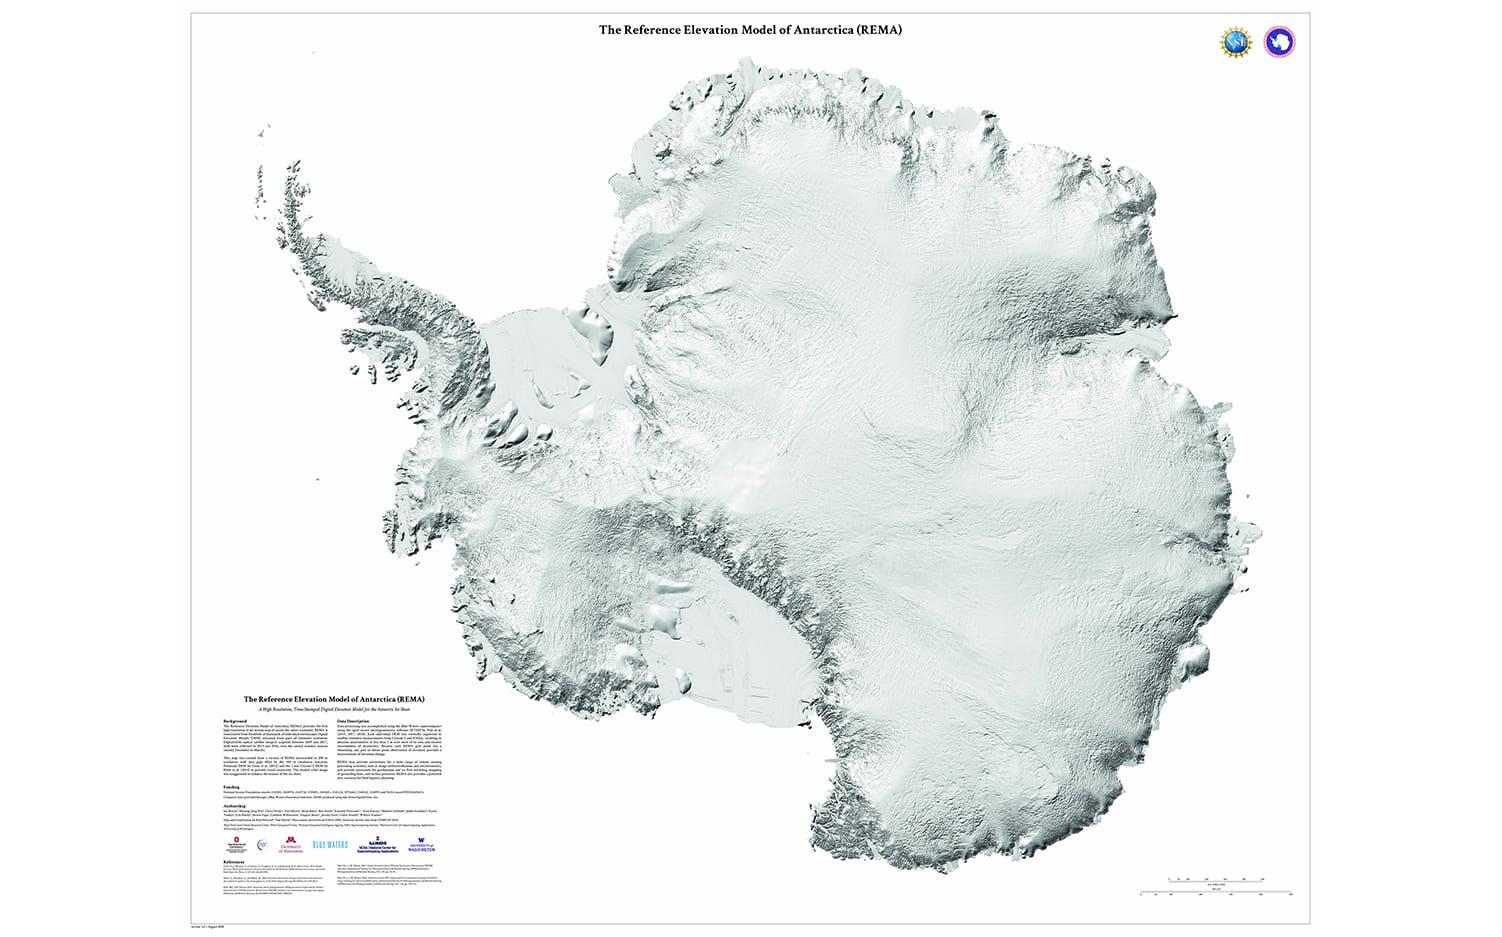 Το μεγαλύτερο φαράγγι στη Γη στην Ανταρκτική